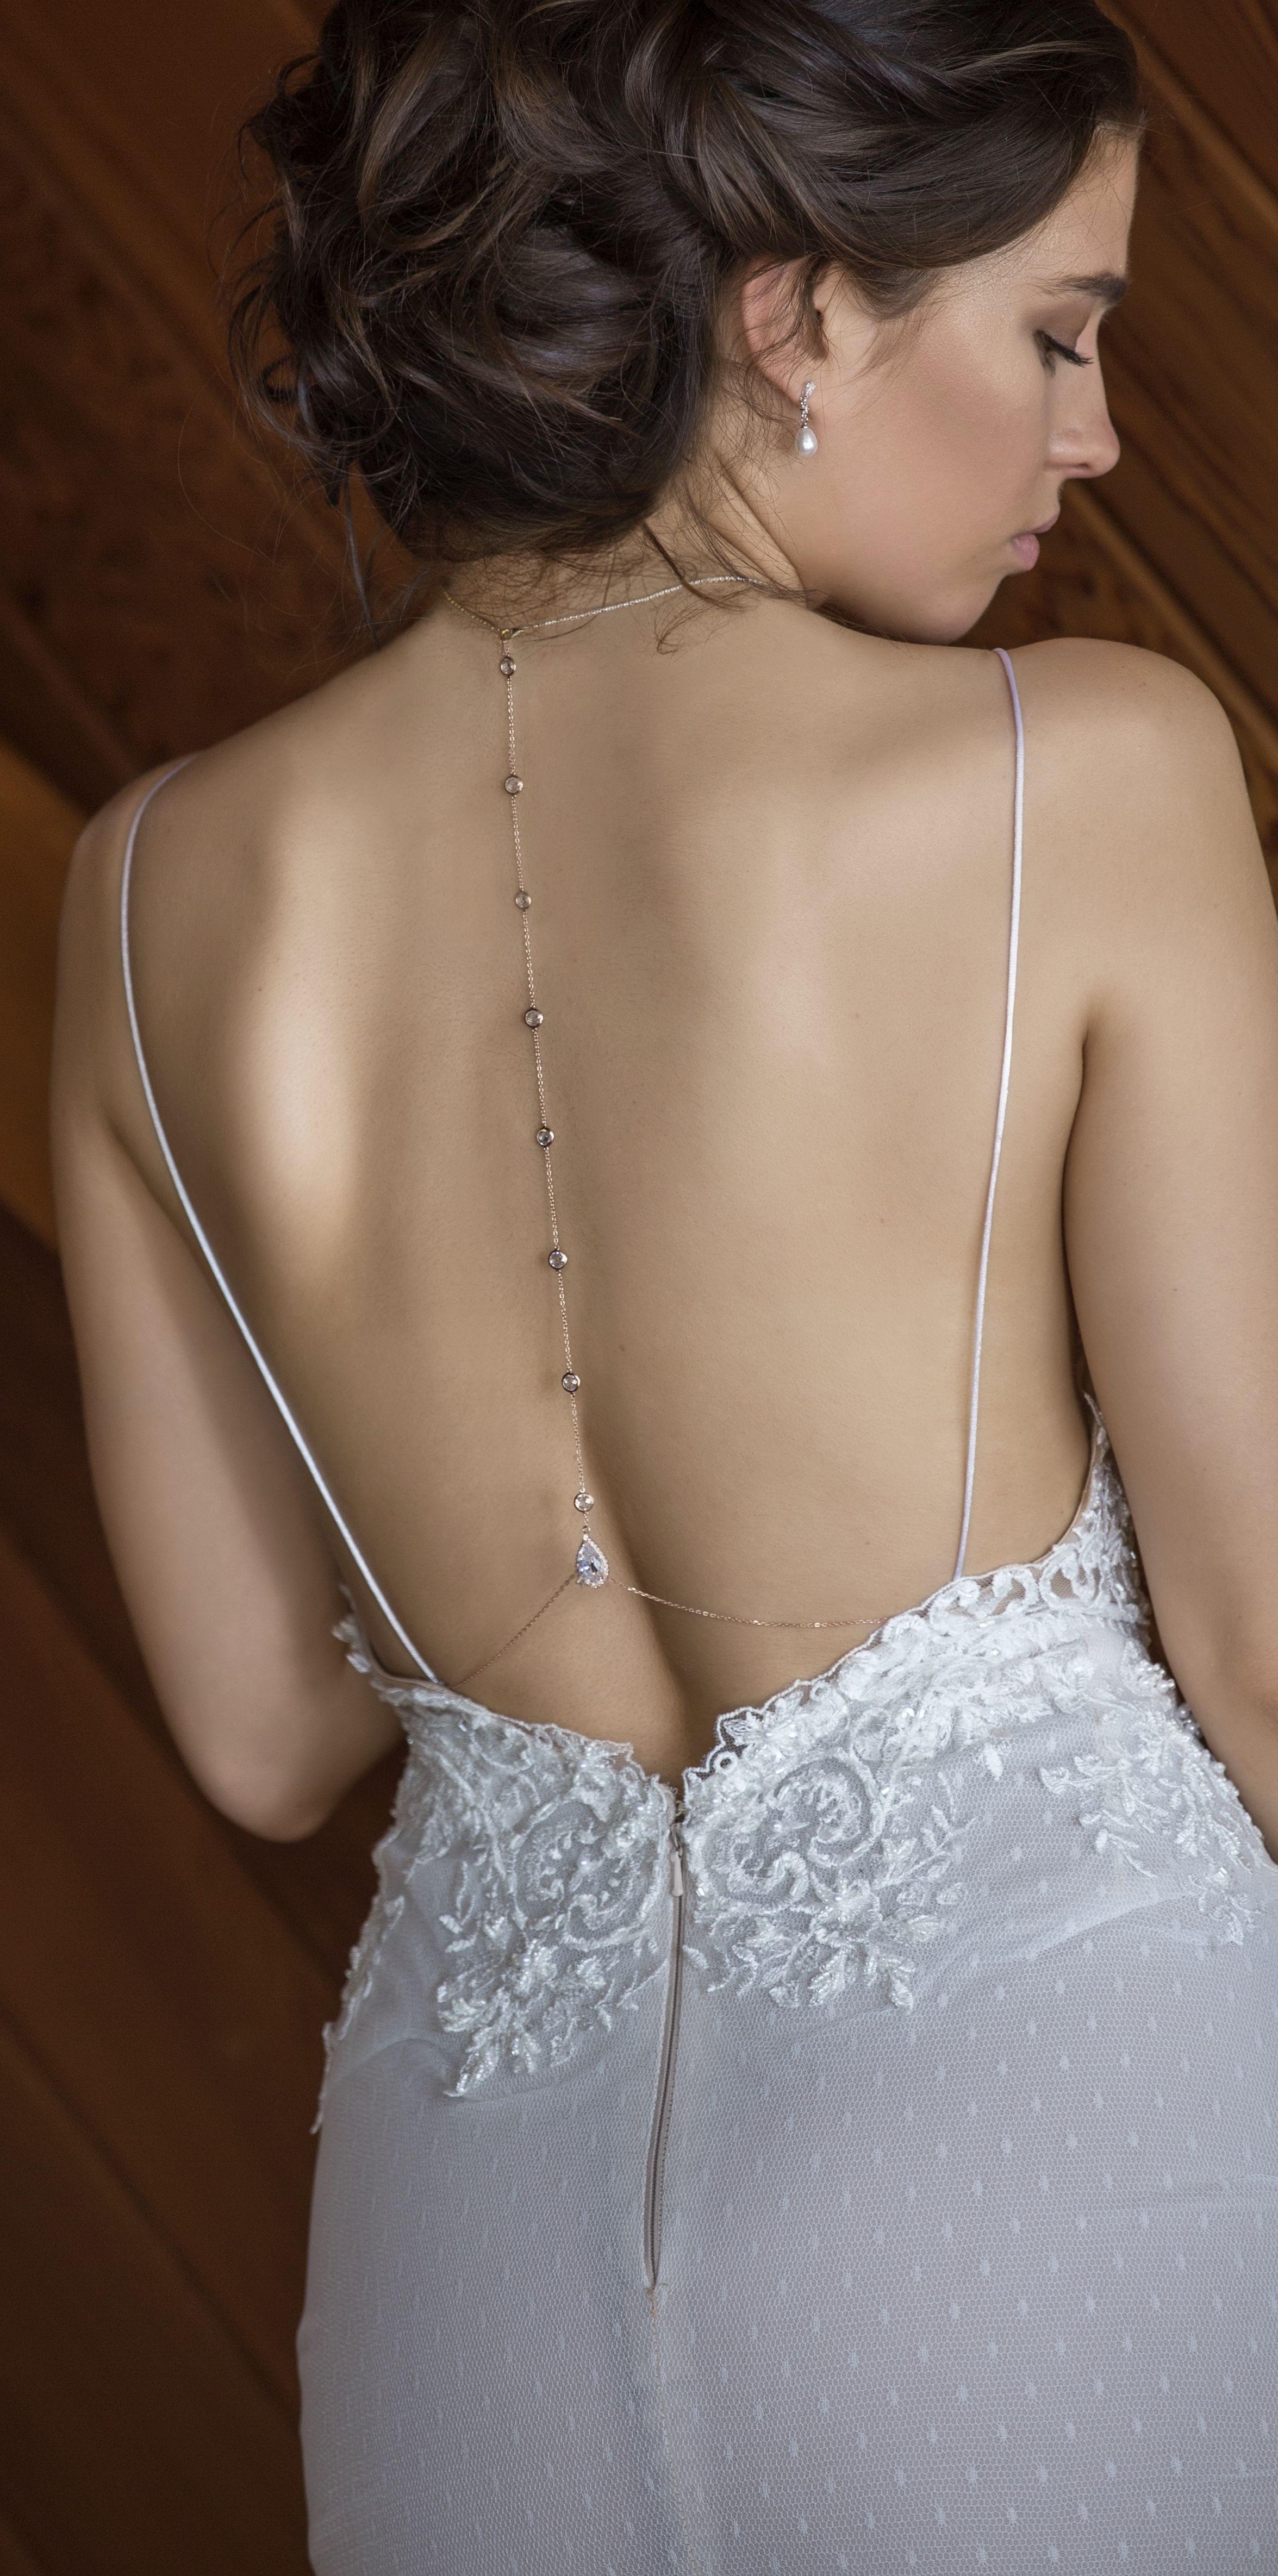 Margaux cz back pendant necklace wedding pinterest wedding and